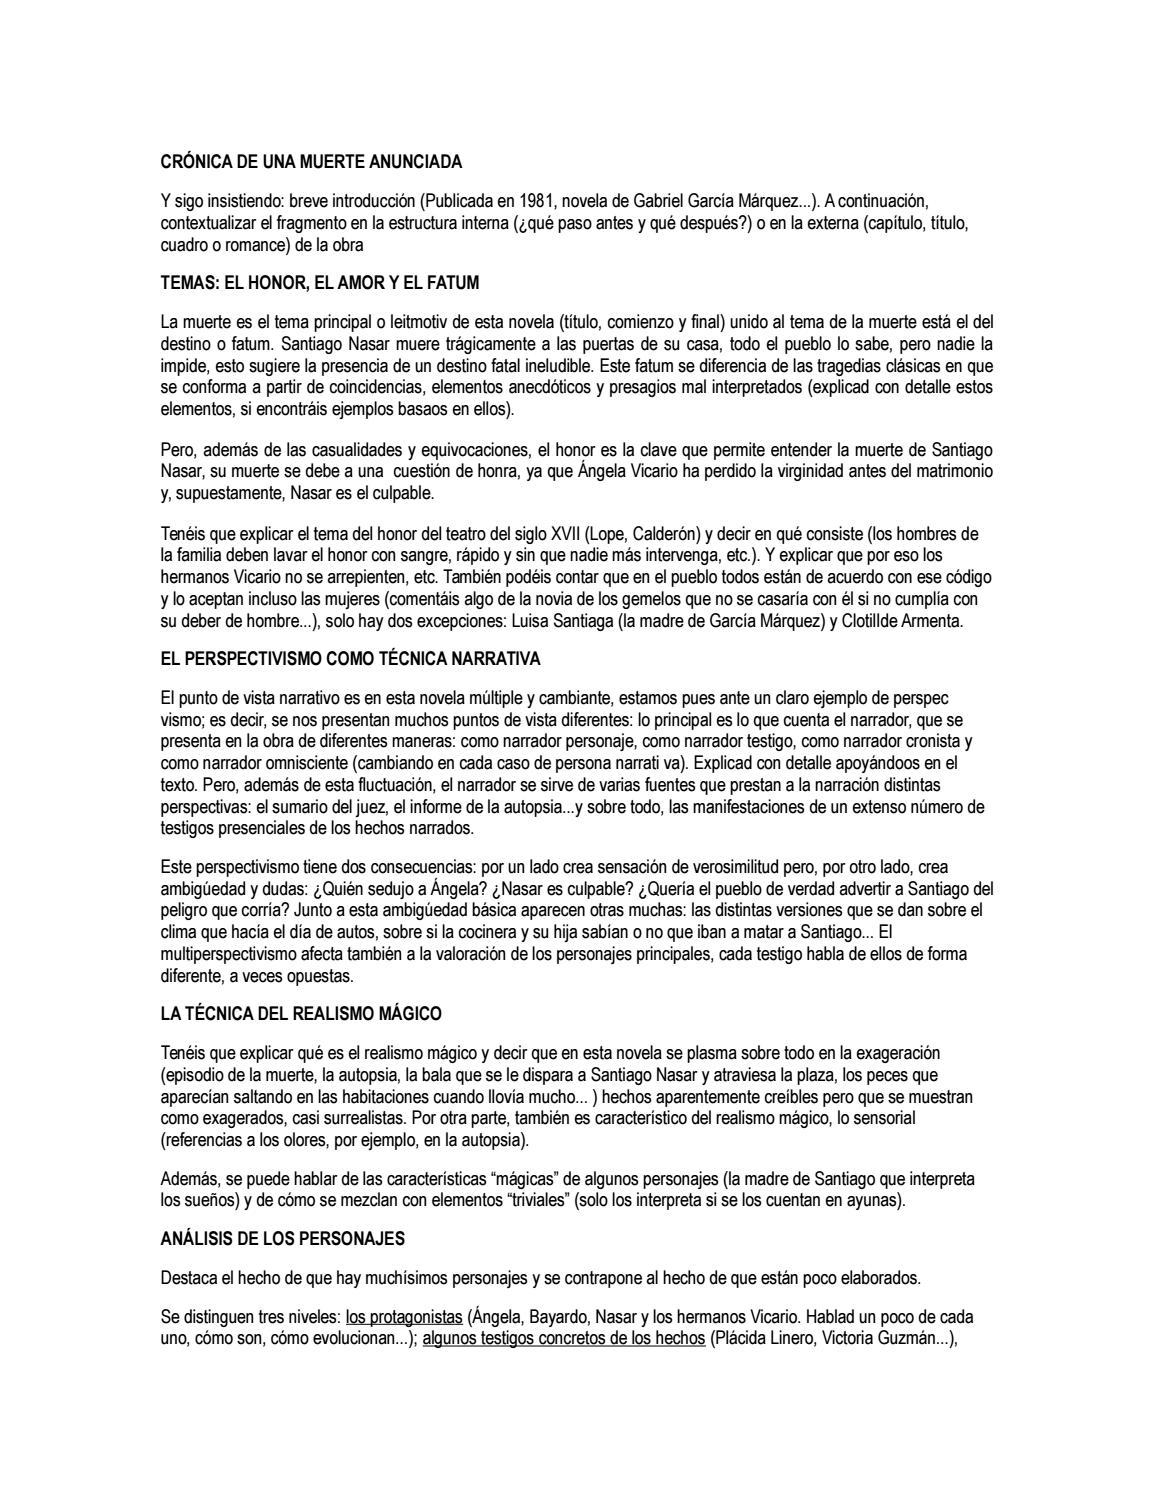 Guía De Lectura Crónica De Una Muerte Anunciada By Sara